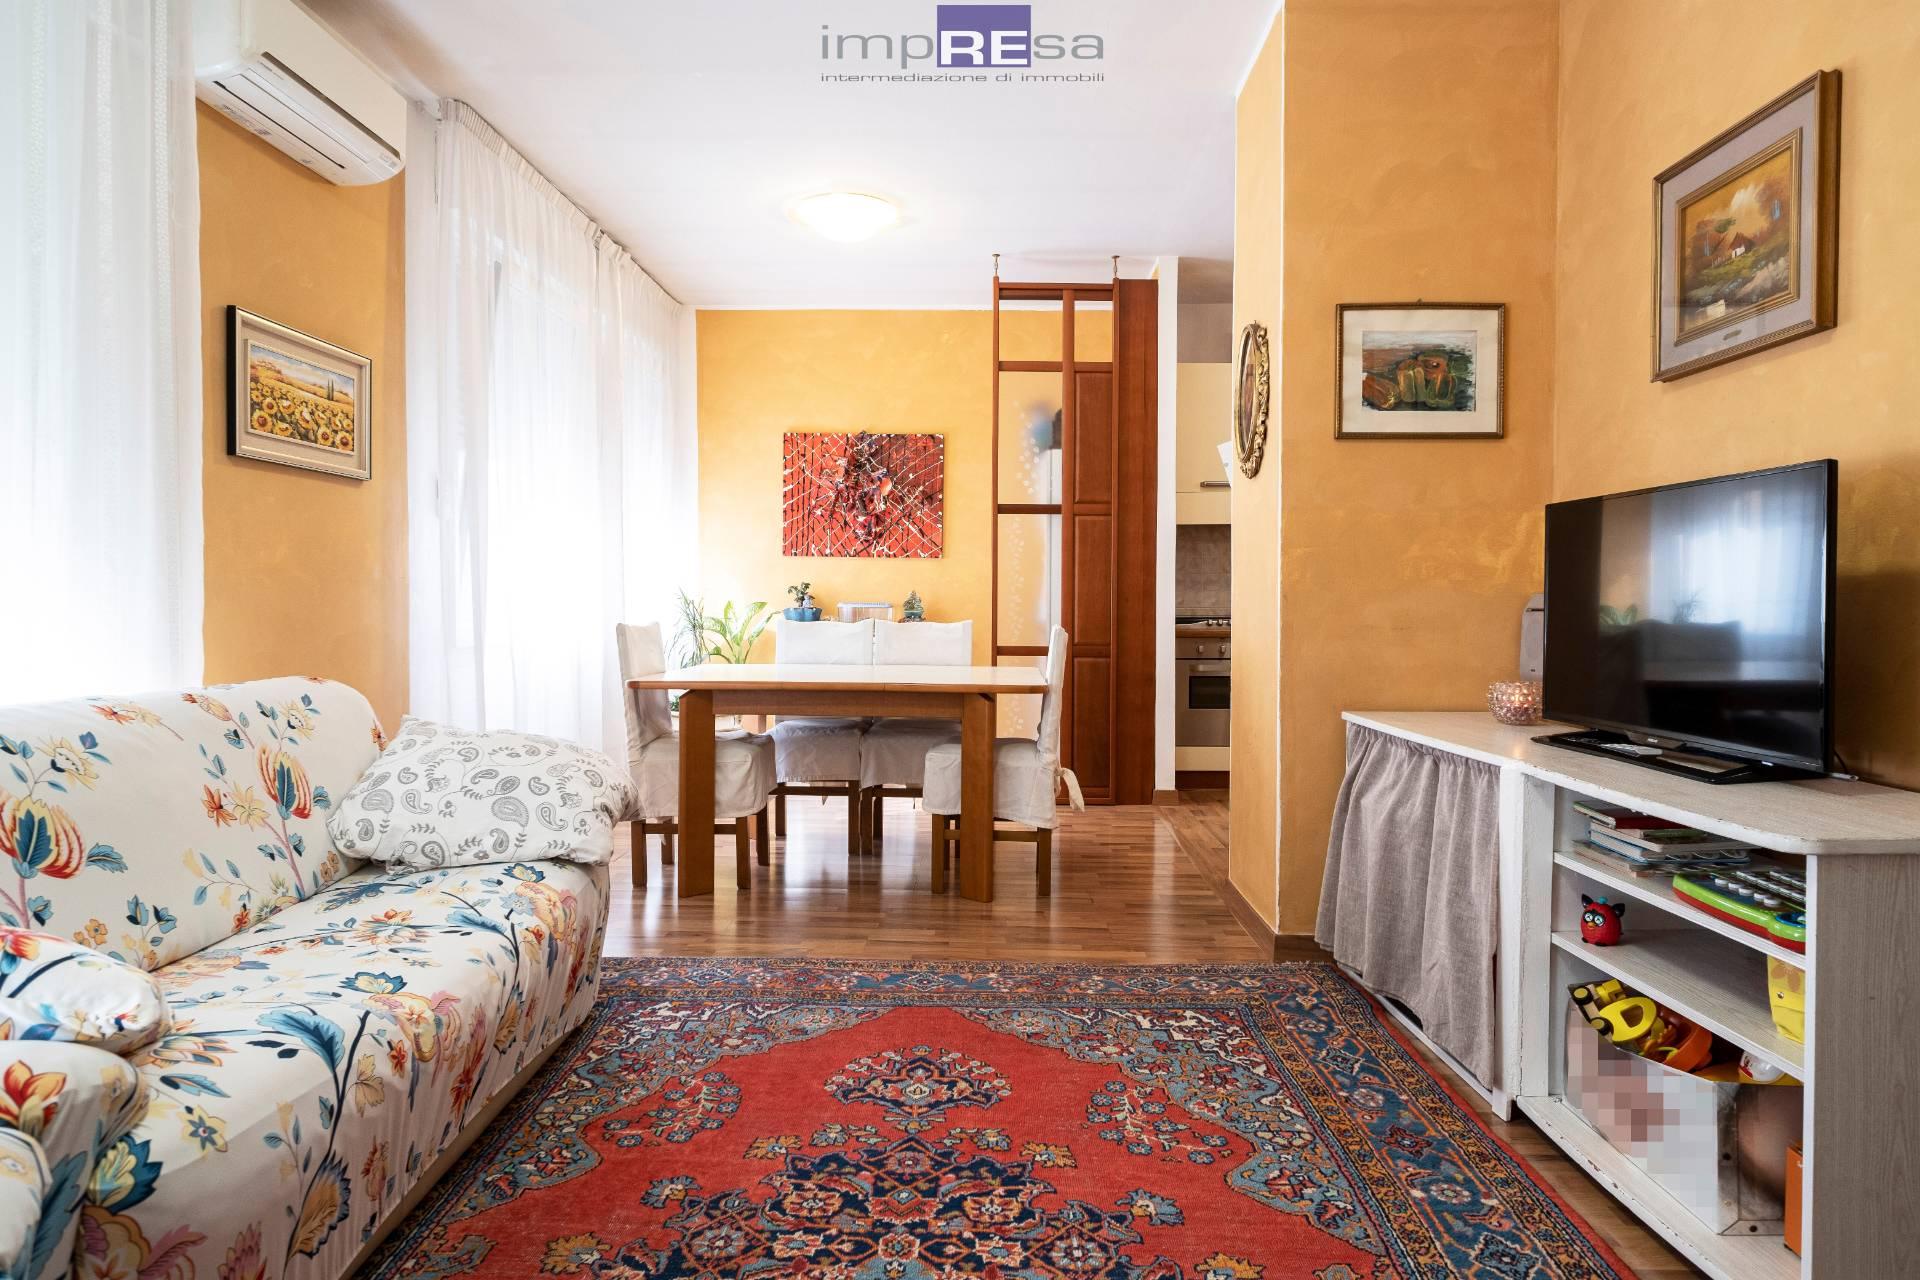 Appartamento in vendita a San Donà di Piave, 3 locali, prezzo € 150.000 | PortaleAgenzieImmobiliari.it